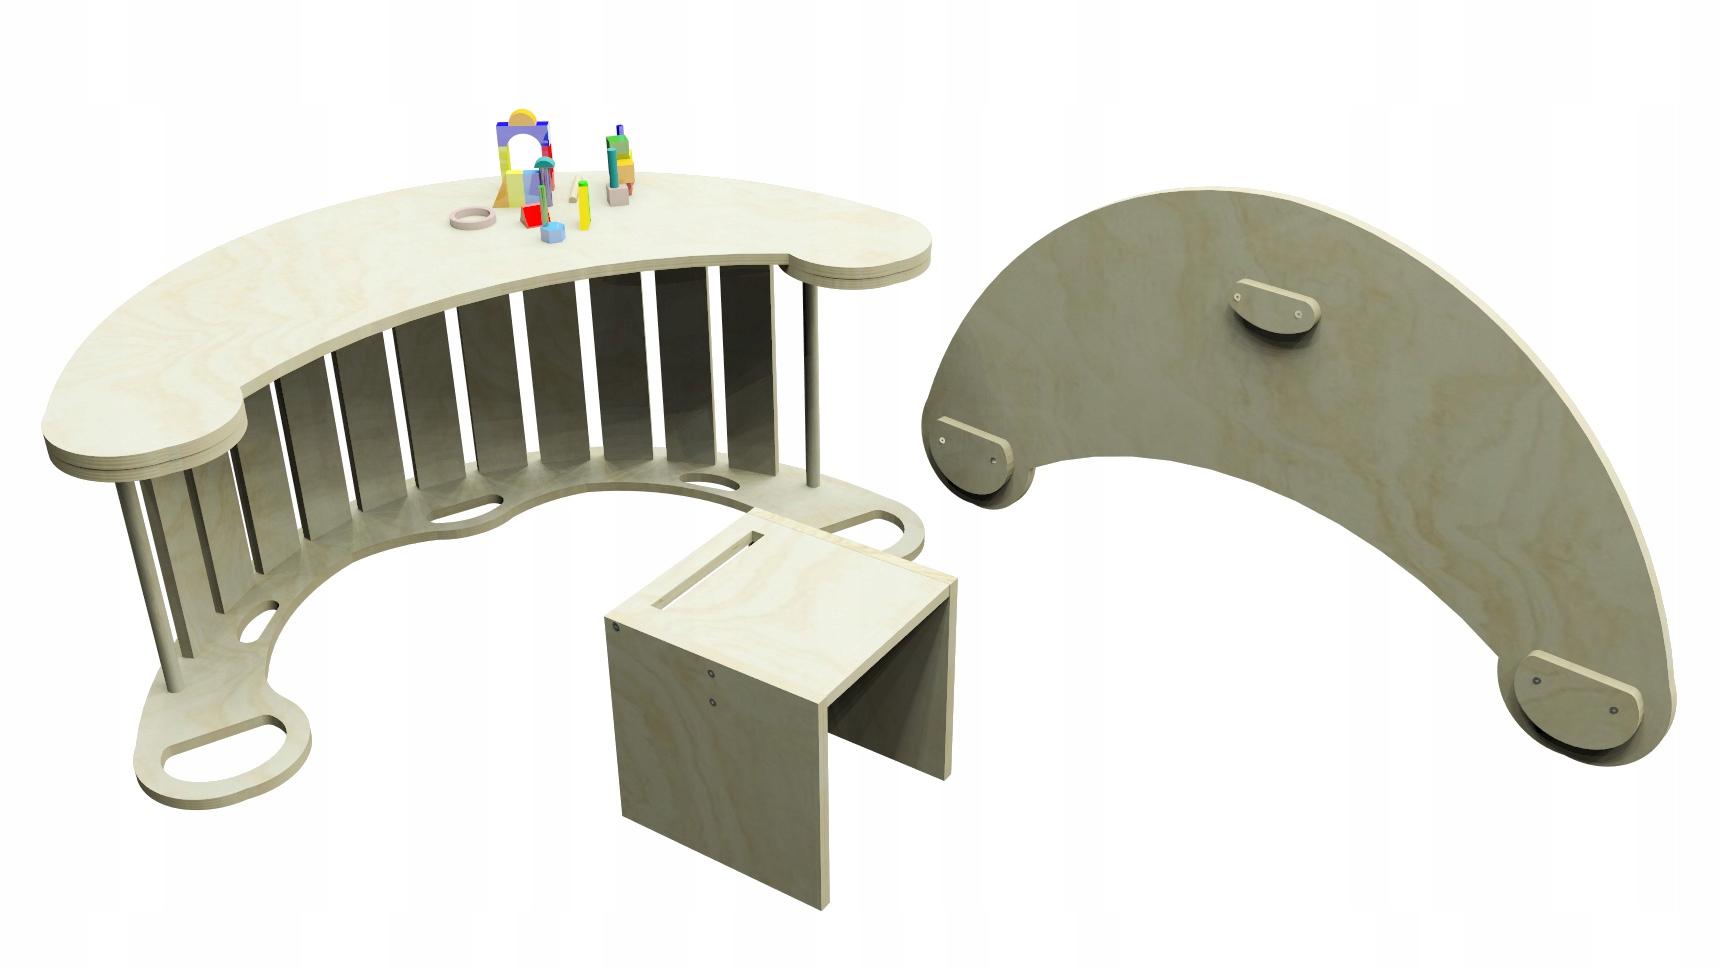 Blat i krzesełko do bujaka Coccolone 120 XL